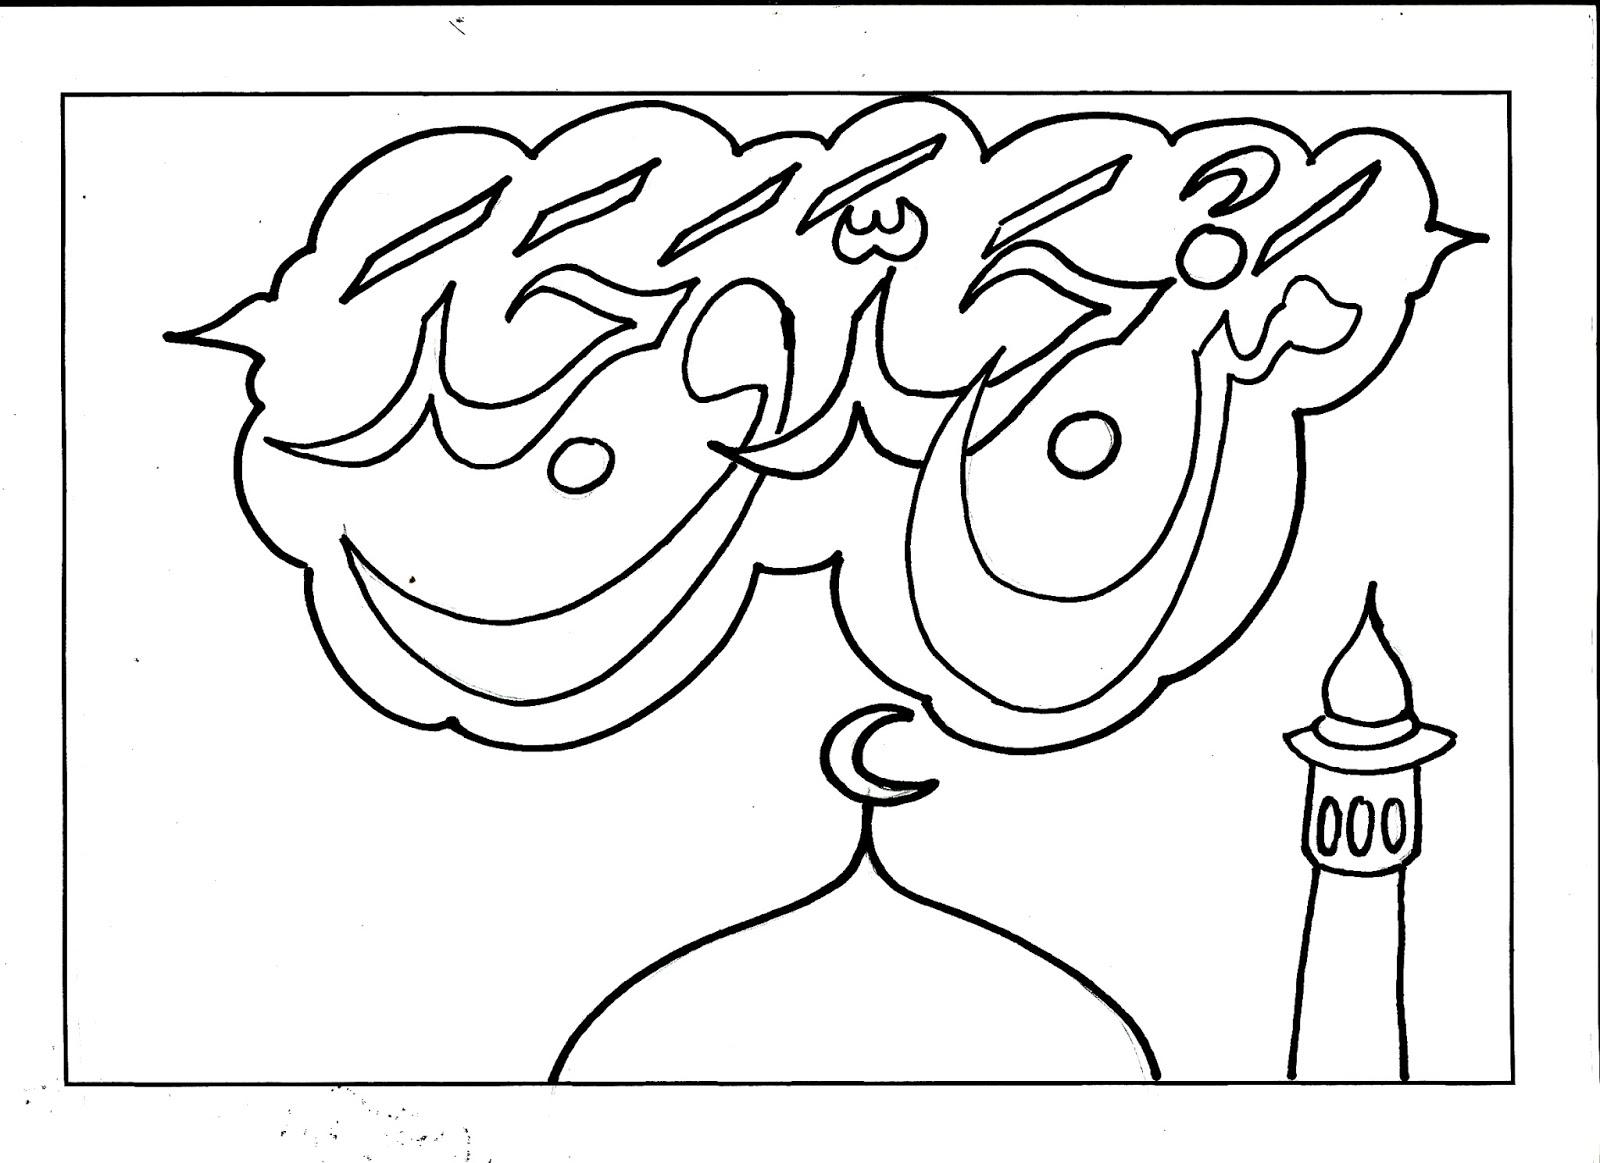 Kaligrafi Mewarnai kaligrafi KAligrafi mewarnai Gambar KAligrafi